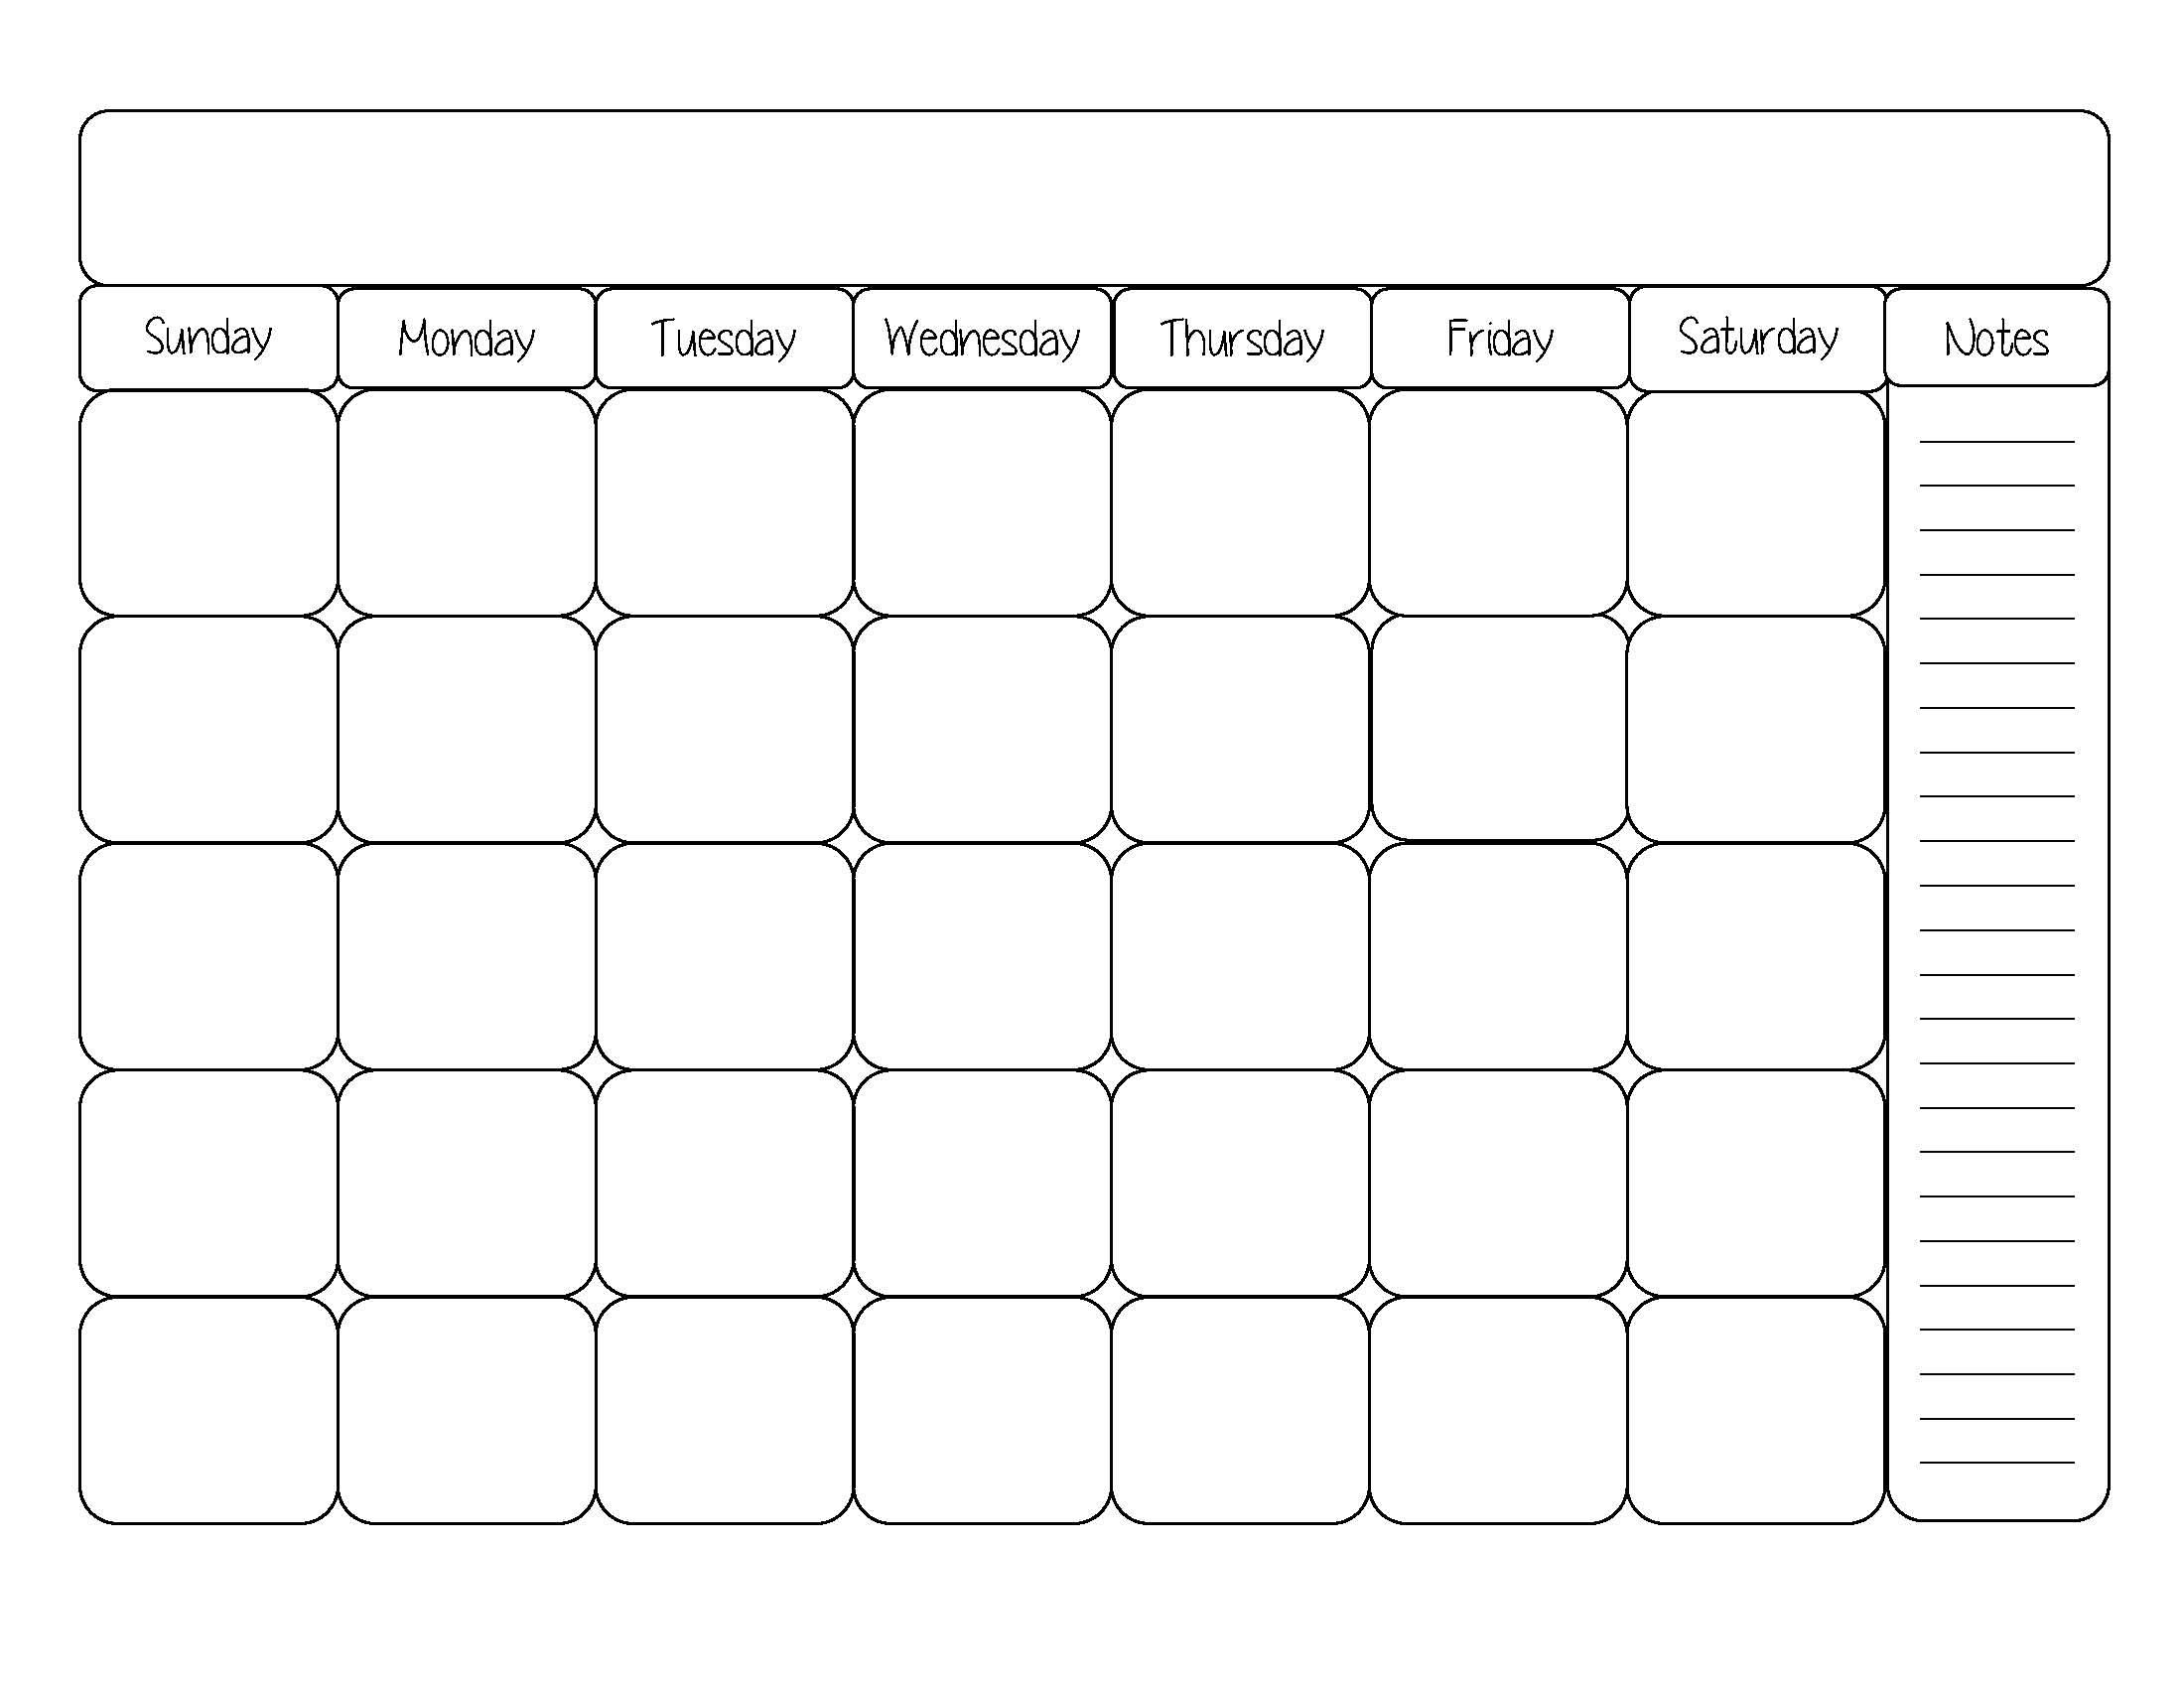 Free Week Calendar Template. free weekly schedule template